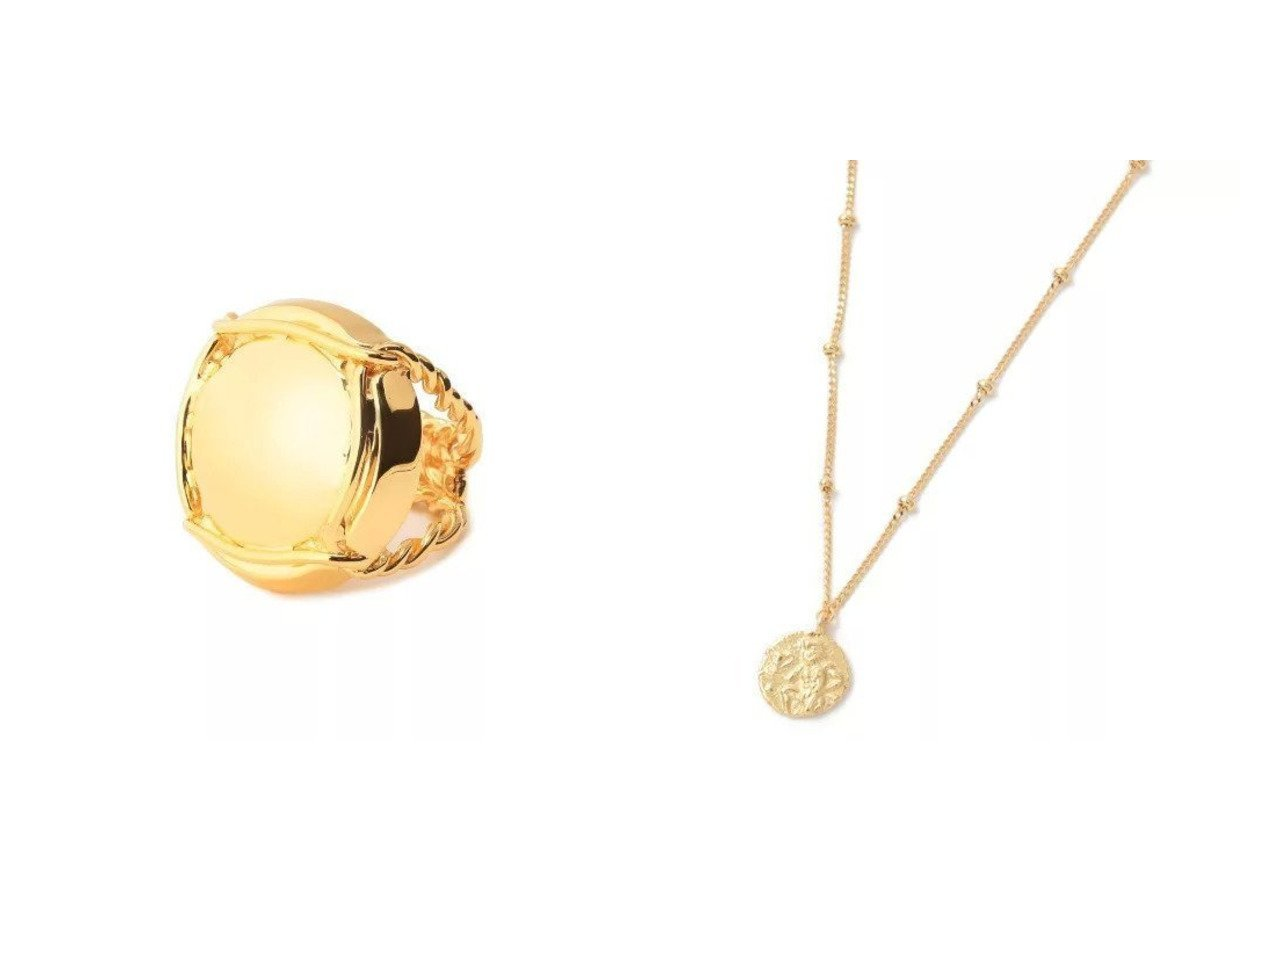 【HIROKO HAYASHI/ヒロコ ハヤシ】のPEPE DOLCE(ペペ ドルチェ)指輪&【MARIHA/マリハ】のAncient Memories Zeus スタッド62cm アクセサリー・ジュエリーのおすすめ!人気、トレンド・レディースファッションの通販 おすすめで人気の流行・トレンド、ファッションの通販商品 メンズファッション・キッズファッション・インテリア・家具・レディースファッション・服の通販 founy(ファニー) https://founy.com/ ファッション Fashion レディースファッション WOMEN ジュエリー Jewelry ネックレス Necklaces アクセサリー モチーフ リアル クラシカル コイン チェーン ネックレス |ID:crp329100000012110